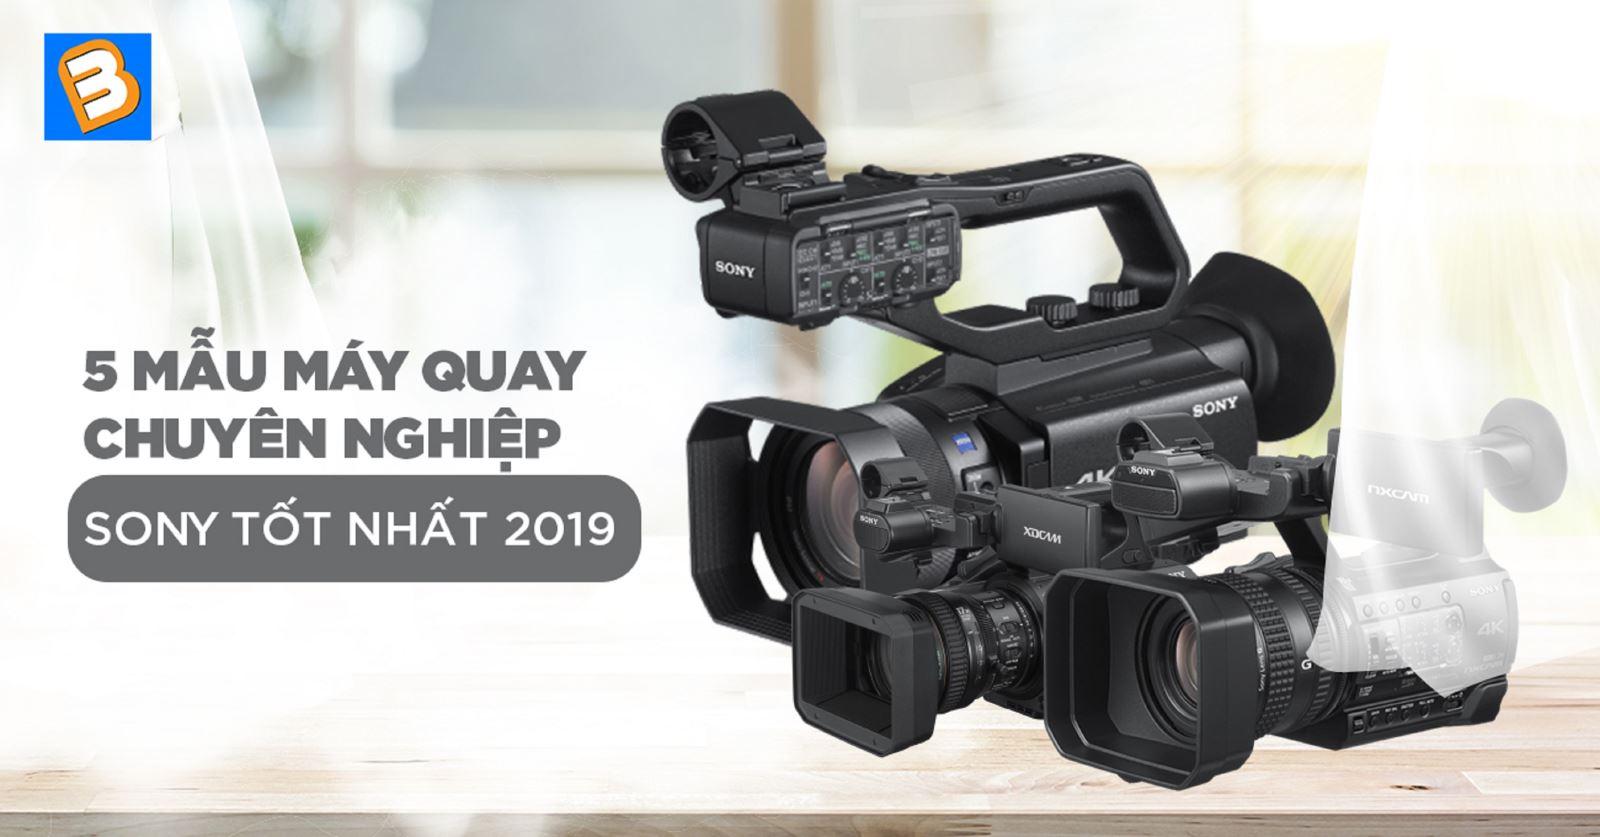 5 mẫu máy quay chuyên nghiệp Sony tốt nhất 2019